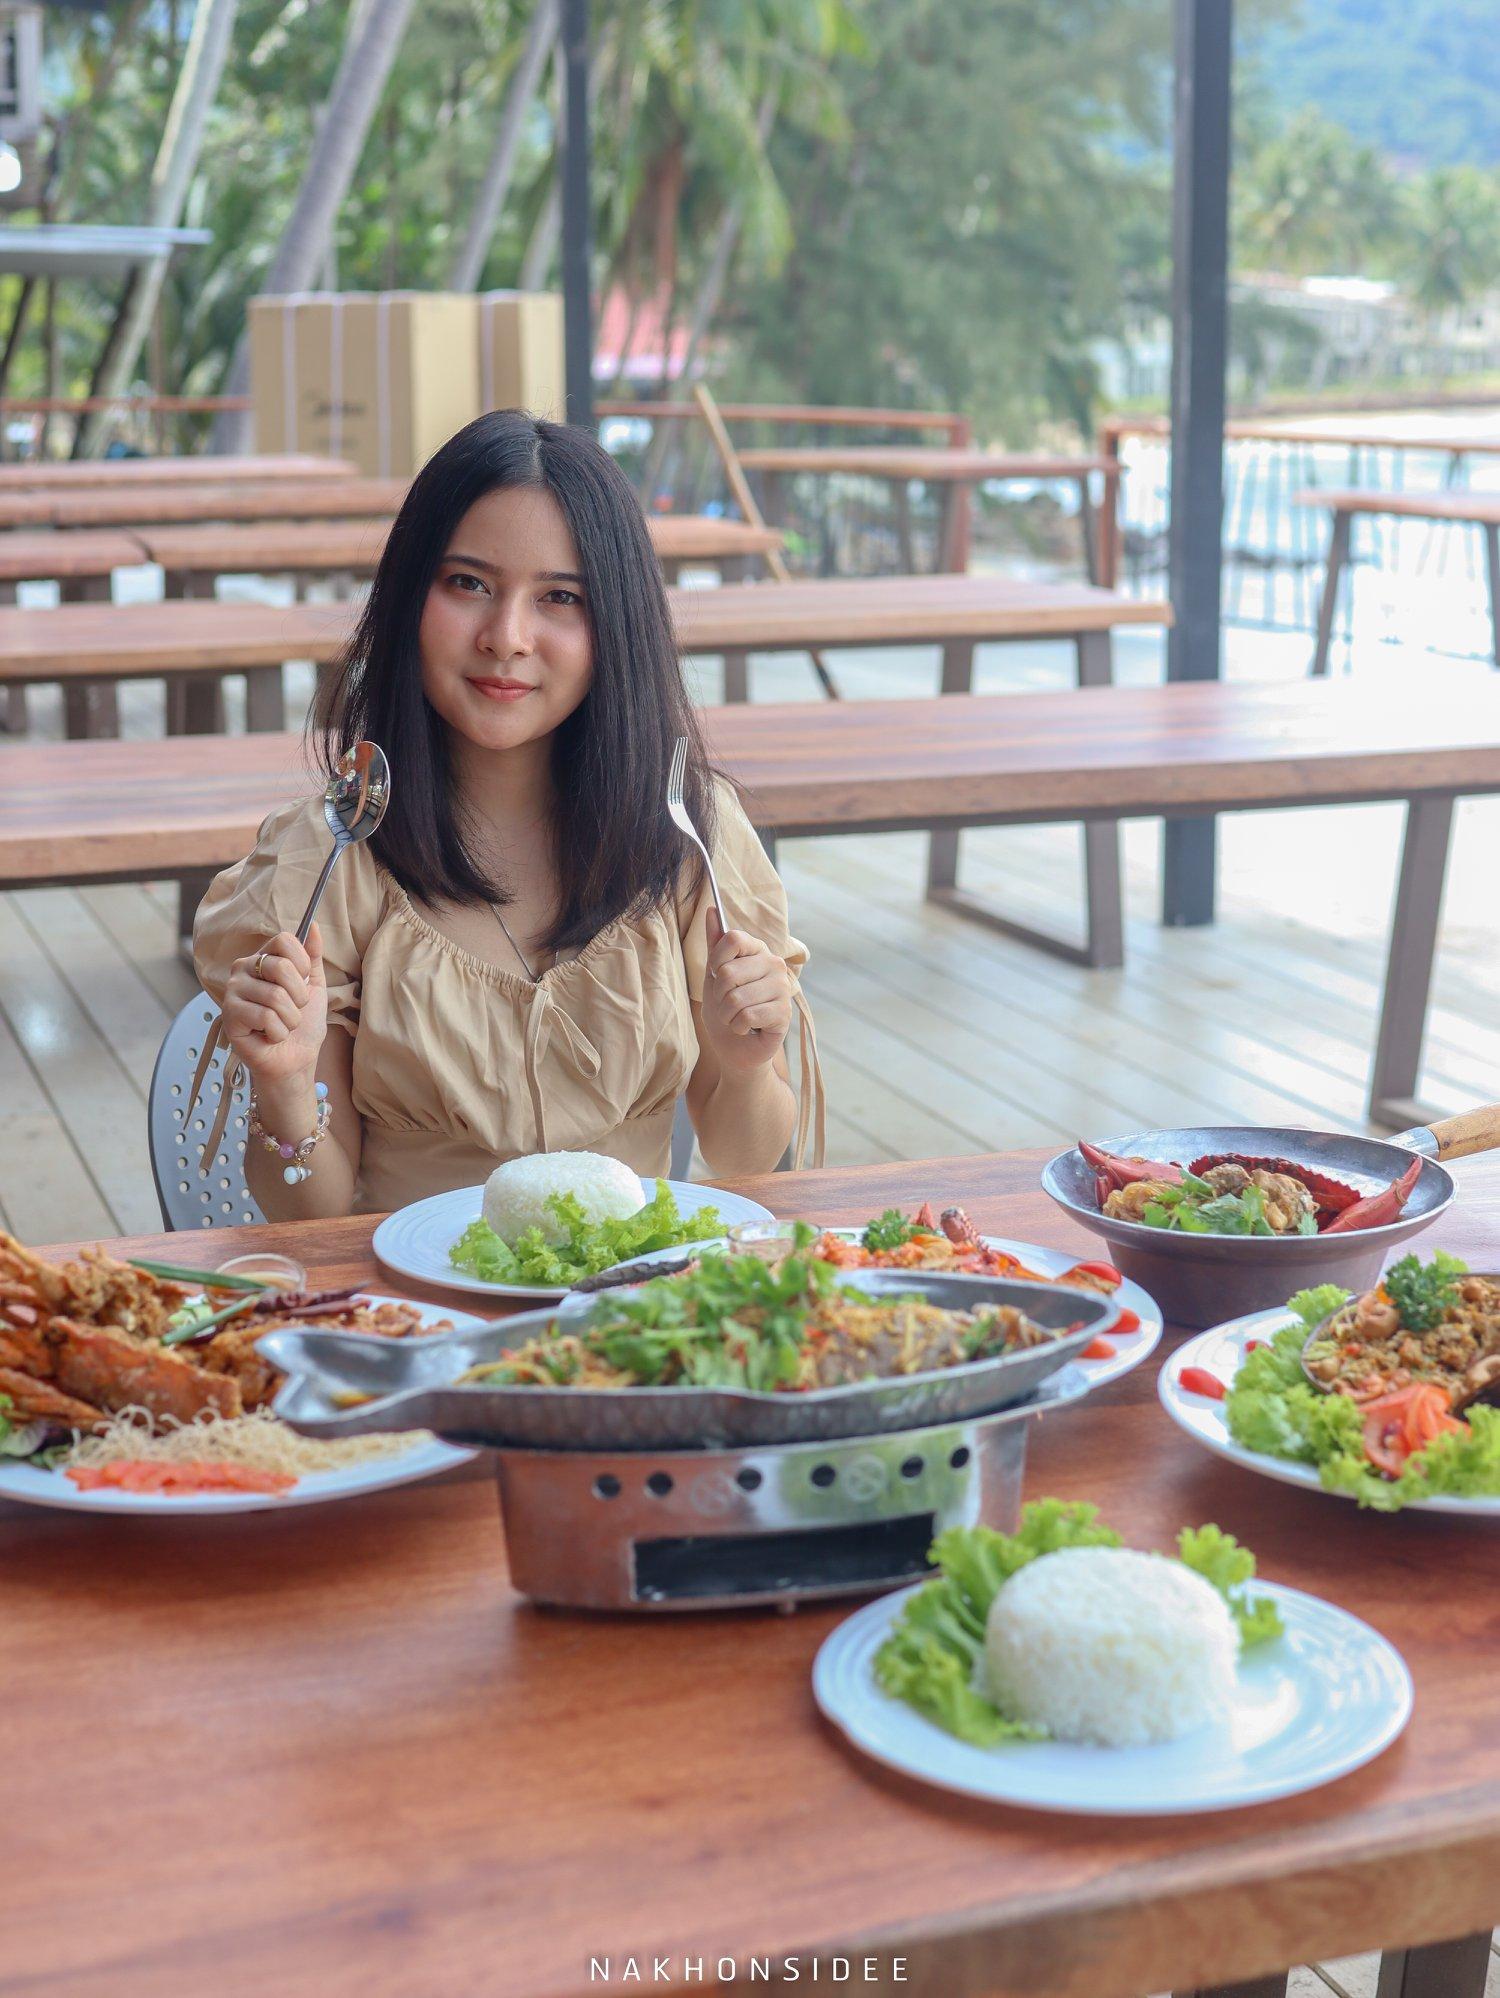 กินกิน  ร้านอาหารทะเล,นครศรีธรรมราช,ซีฟู๊ด,อร่อย,เด็ด,กุ้ง,ดินเนอร์